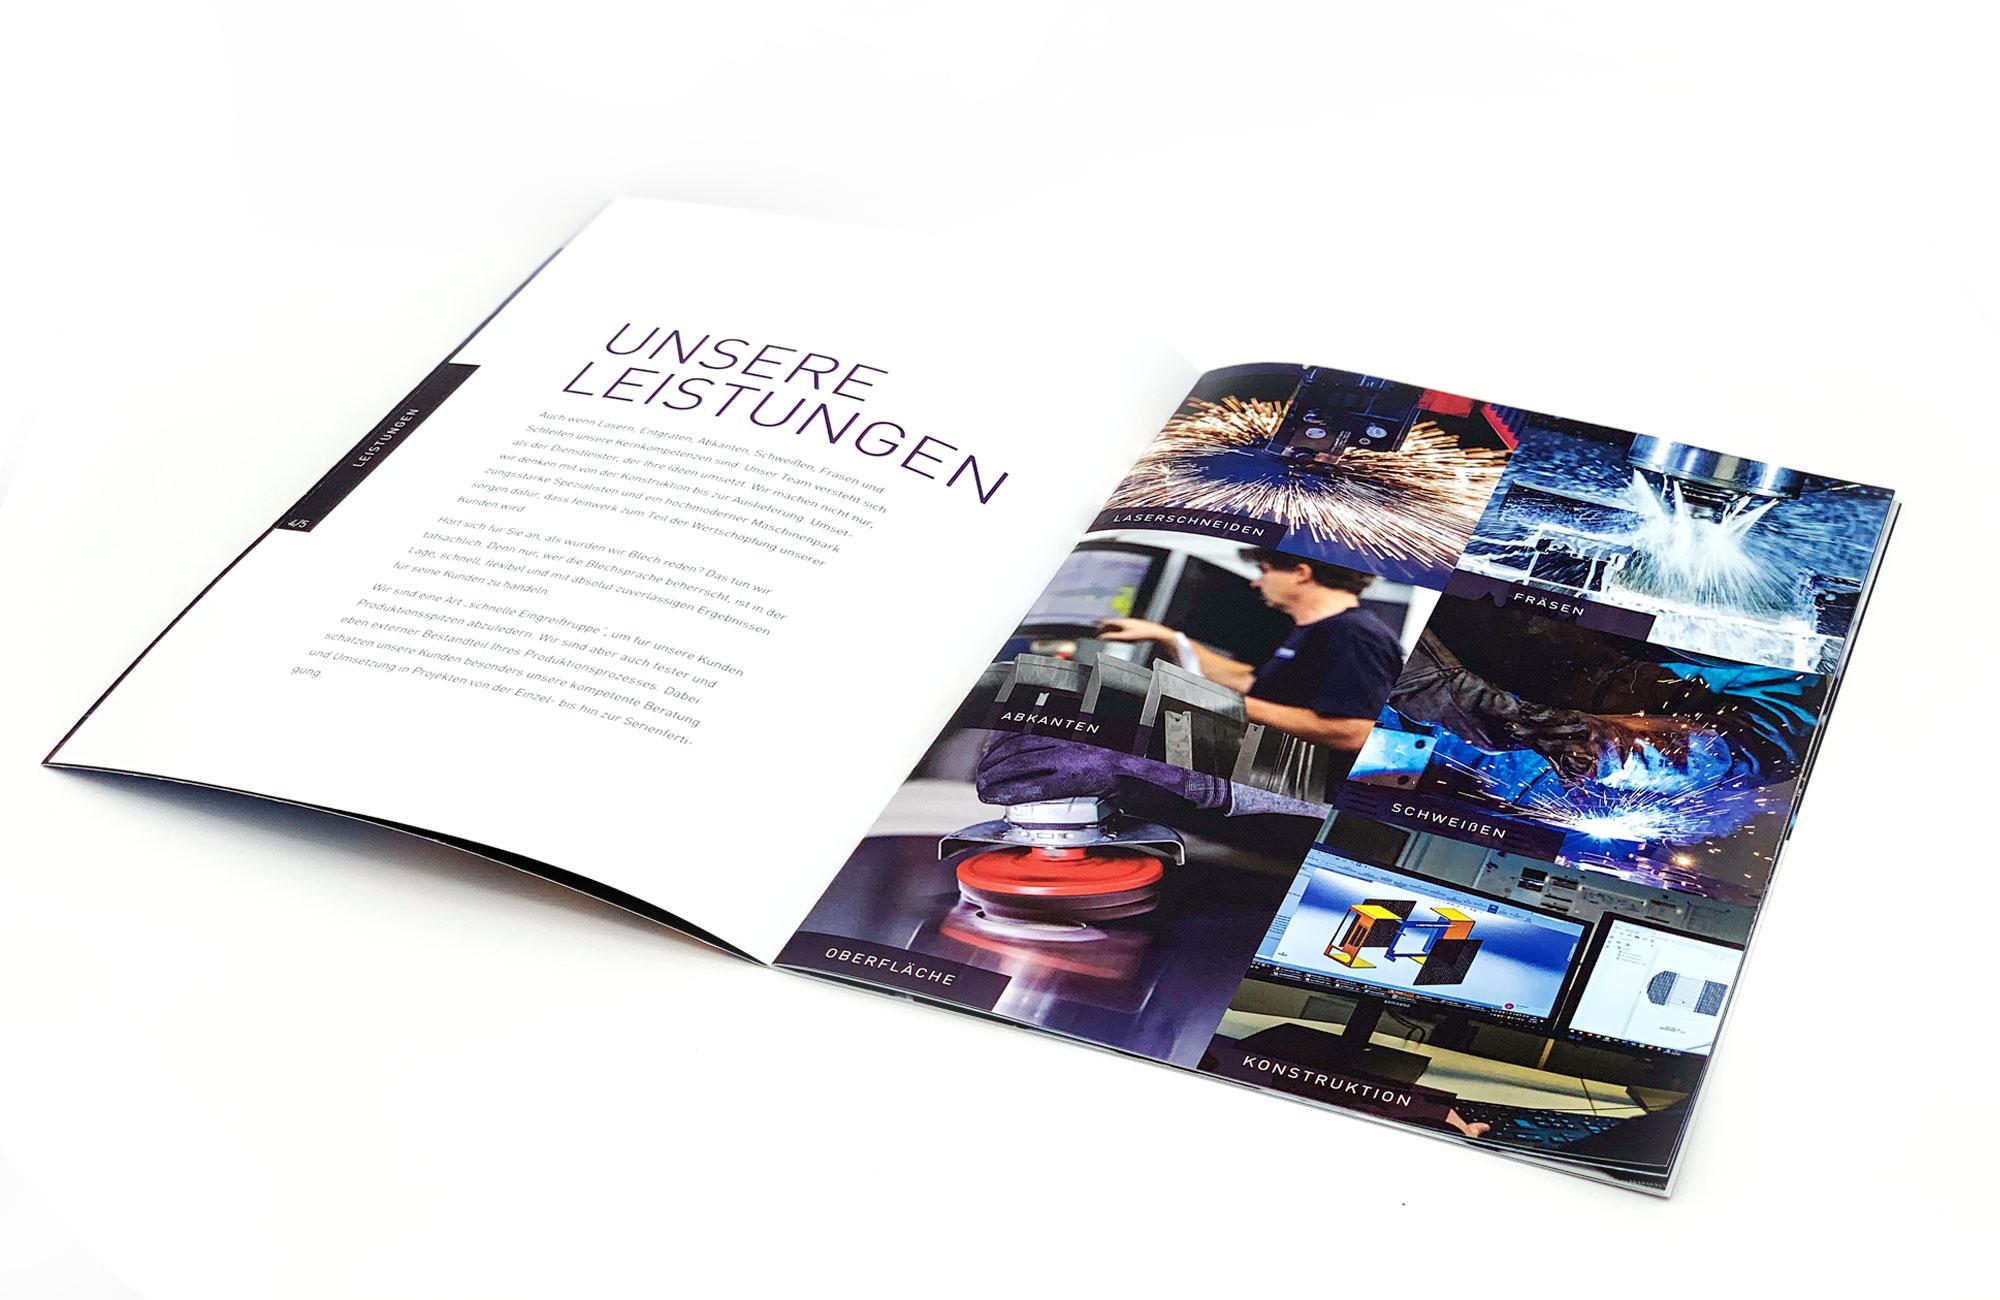 feinwerk Imagebroschüre margate5 MARGATE - Agentur für Werbung